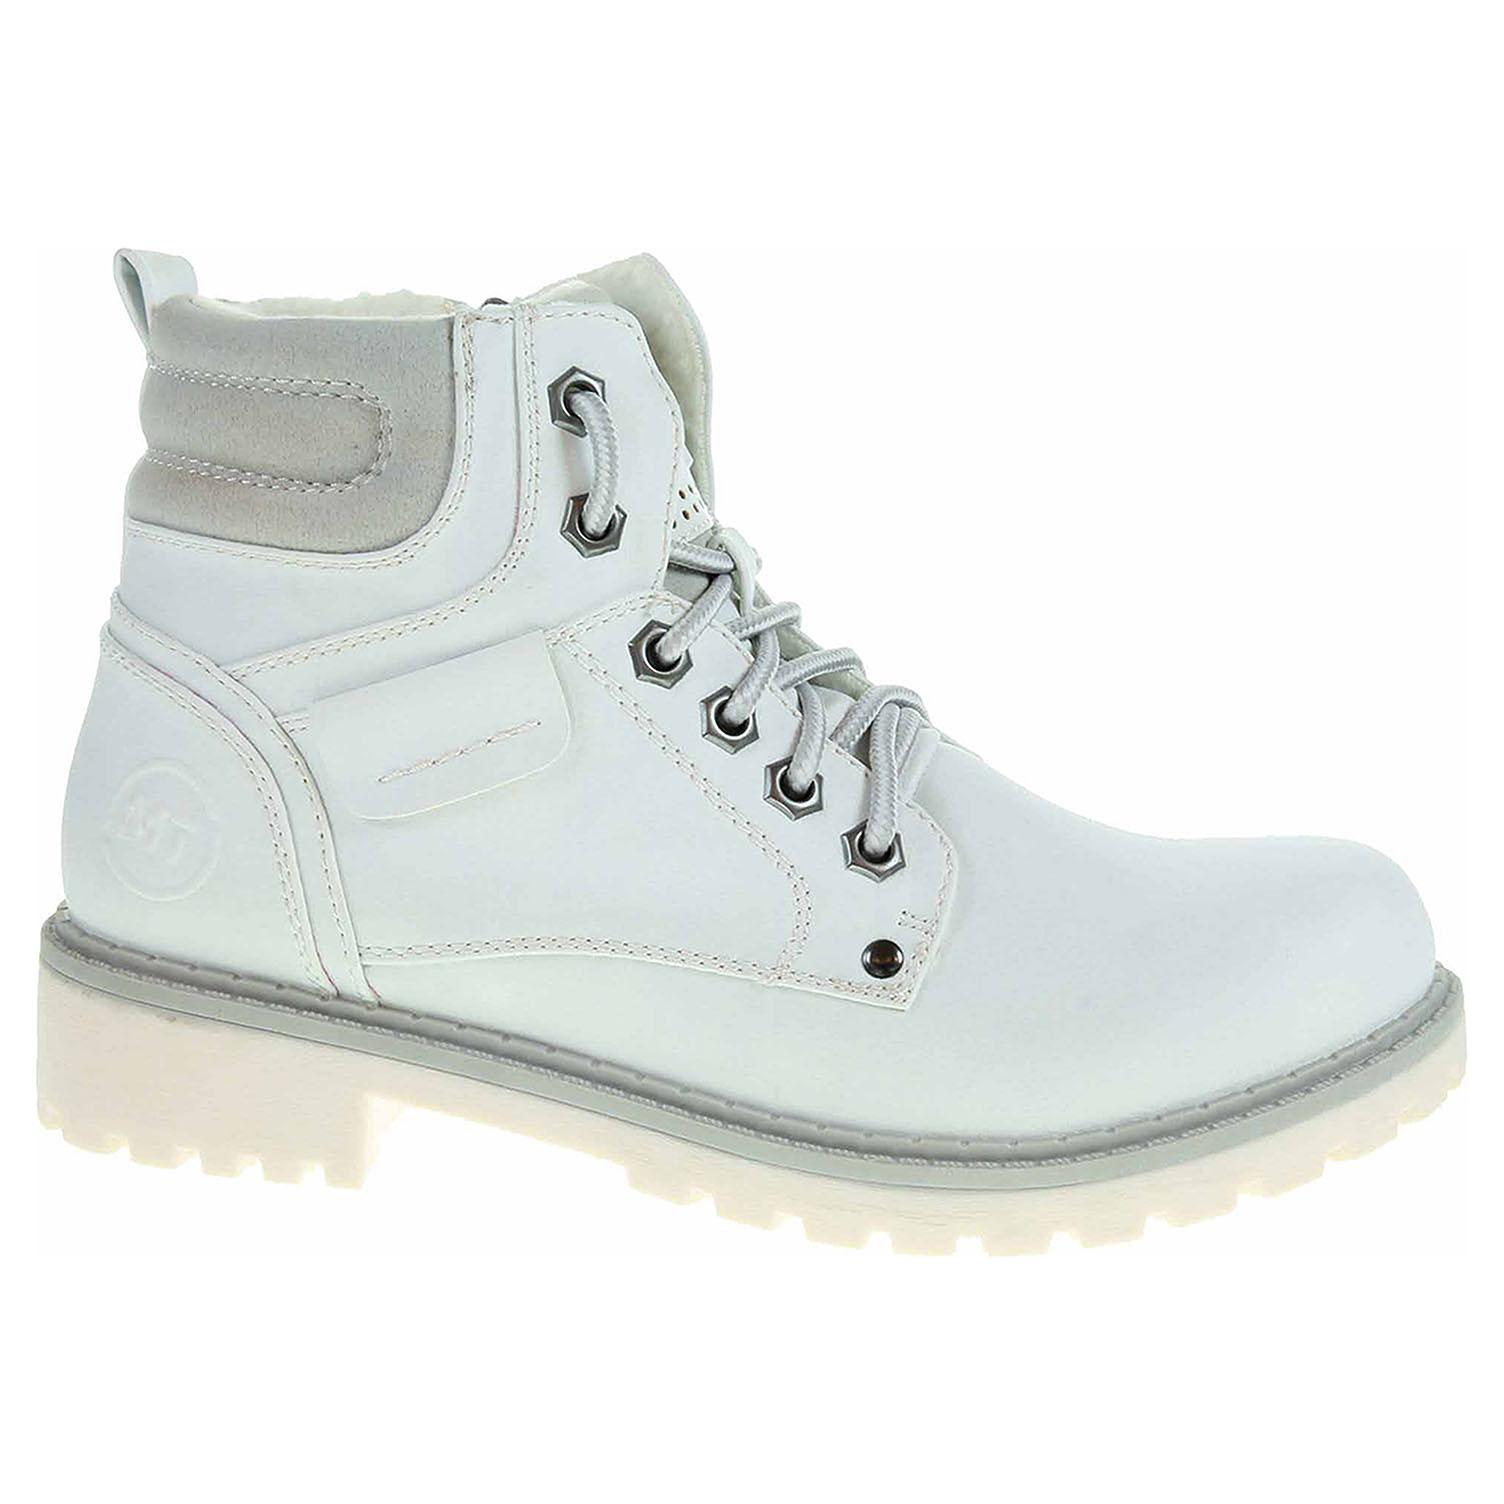 99bed37fcbde5 Ecco Dámská kotníková obuv Marco Tozzi 2-26272-39 bílé 26200129